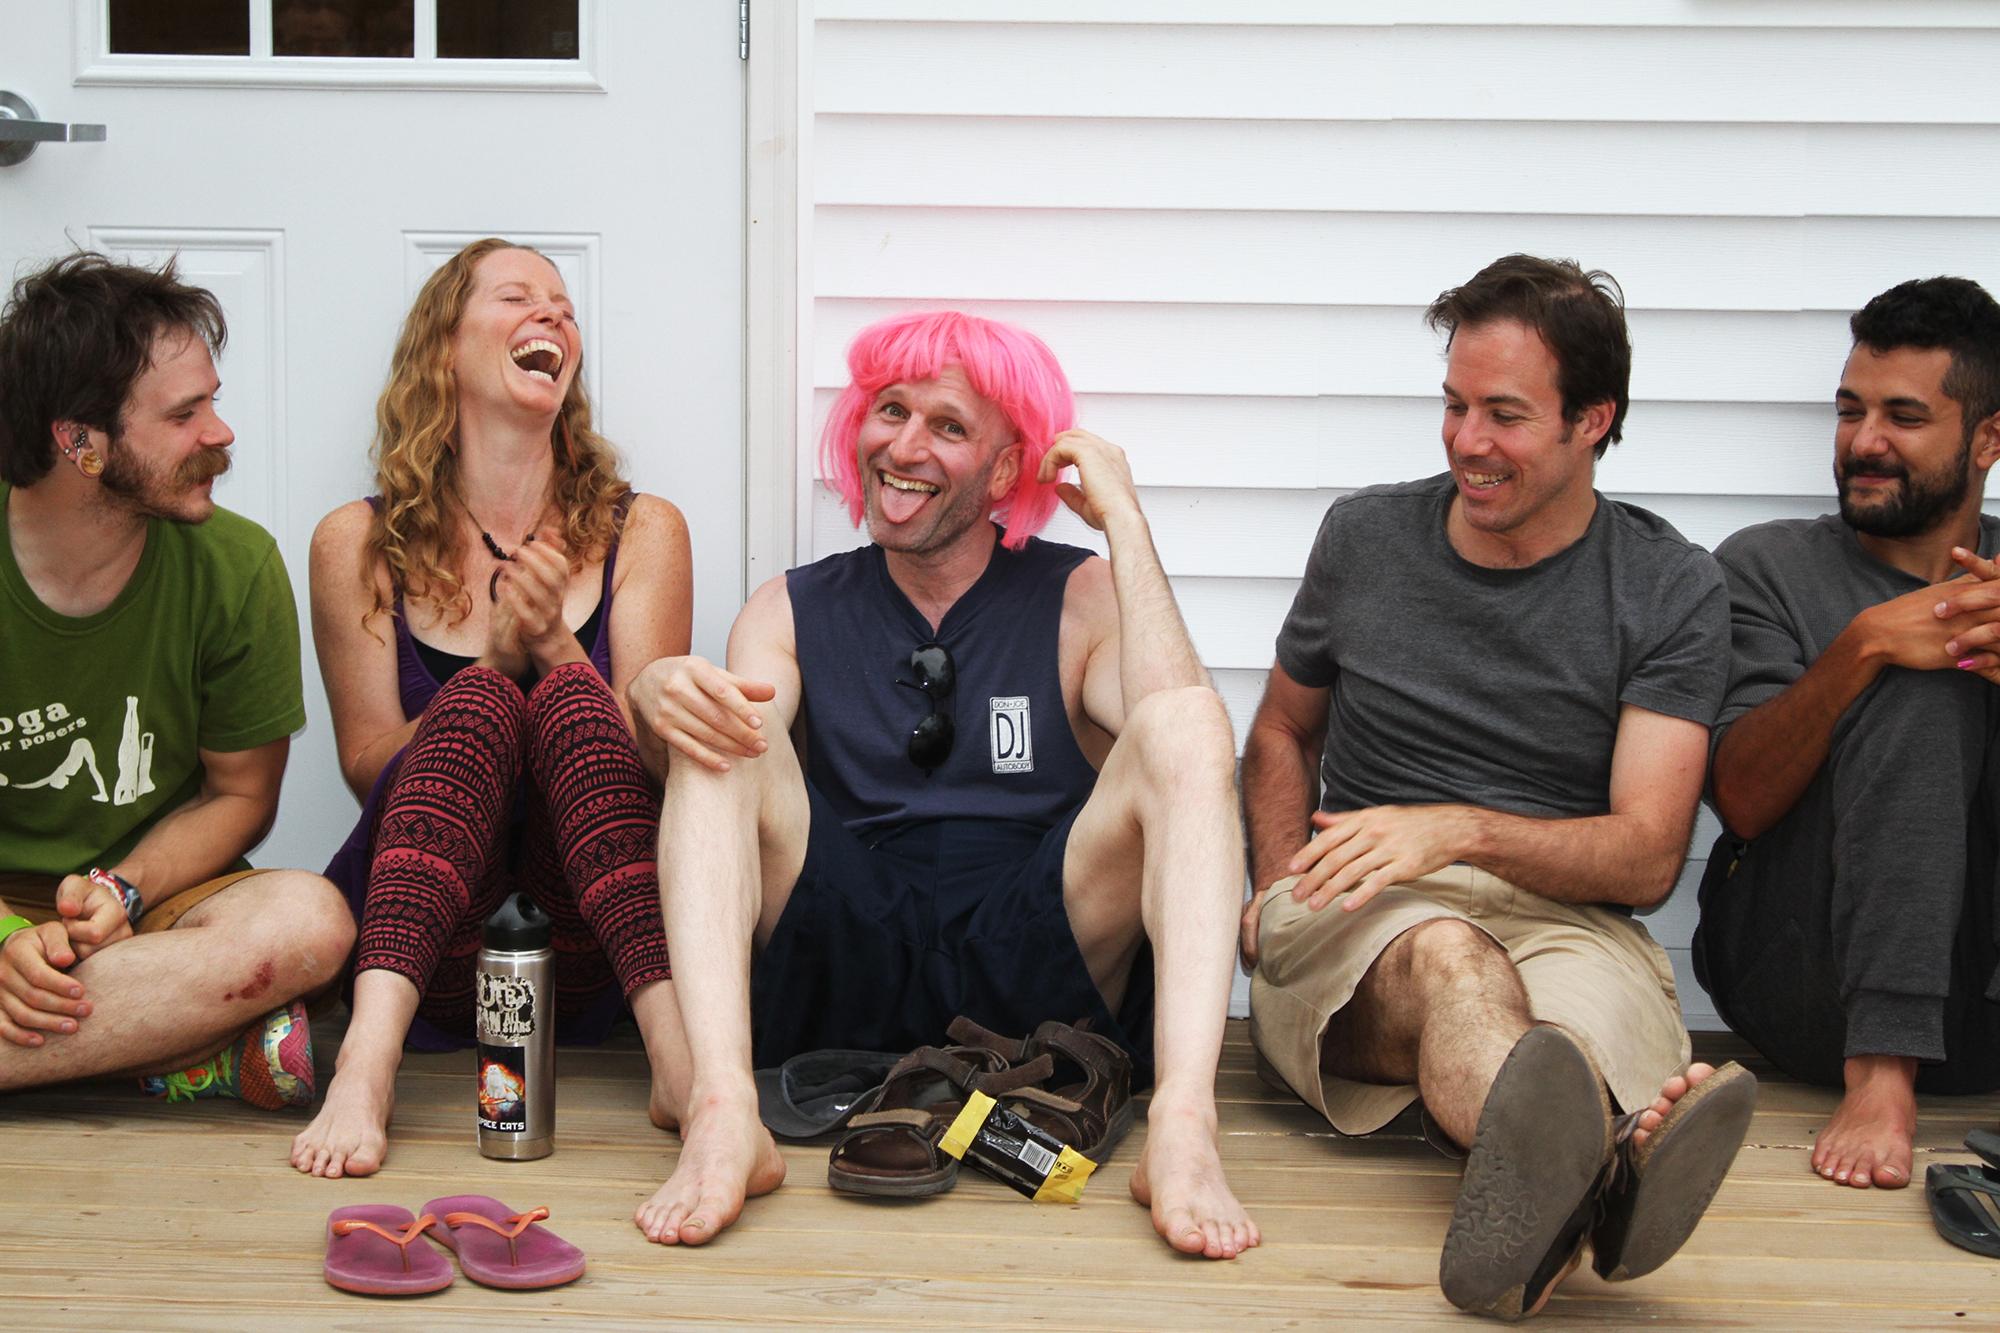 Guy in Pink Wig.JPG